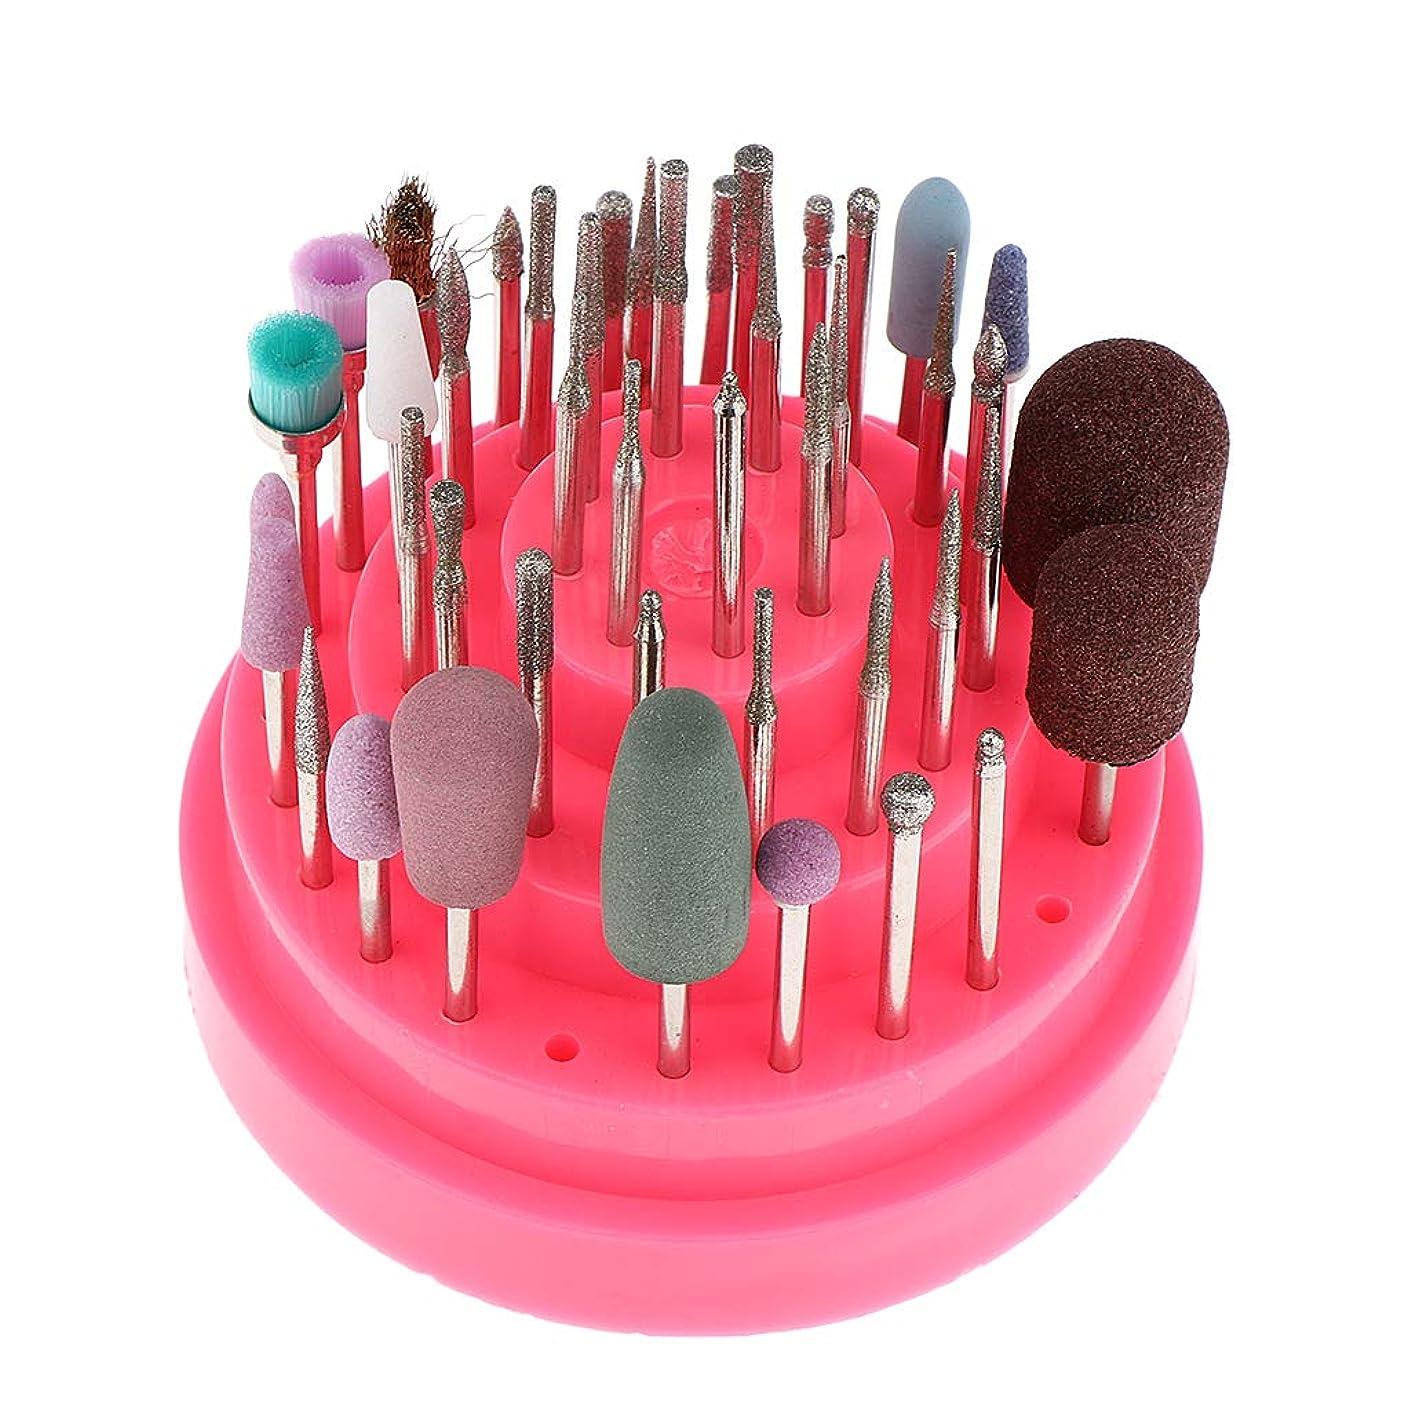 スパン真夜中工場Toygogo 専門の釘の先端の粉砕の頭部のタングステンの釘の穴あけ工具セット - ピンク